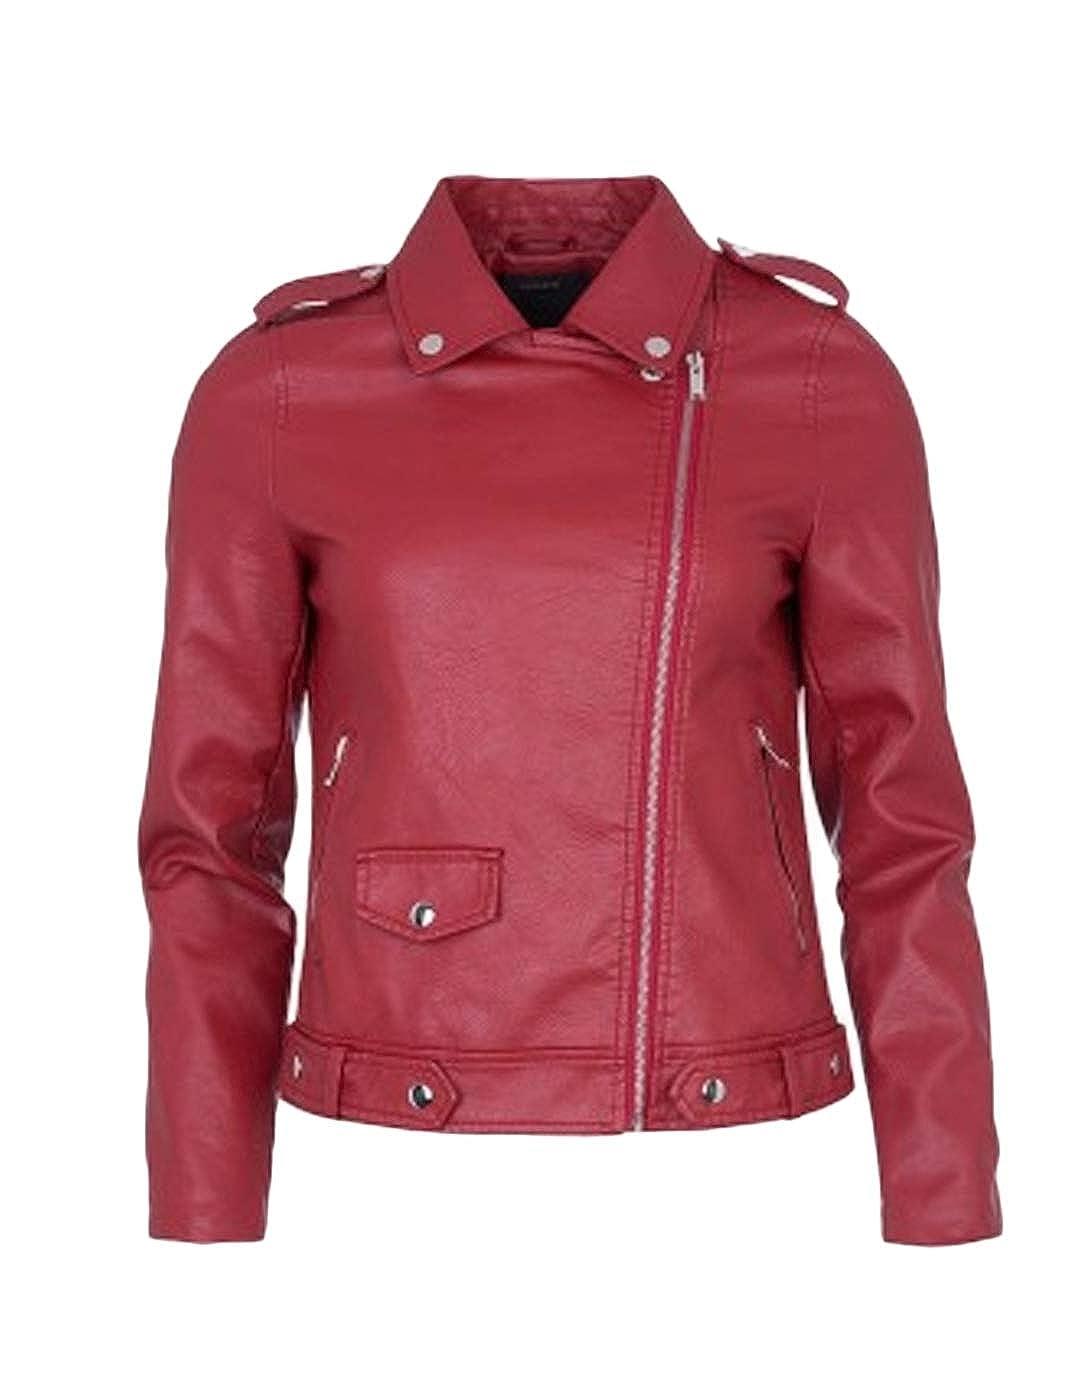 7ea760feb02 Tiffosi Cazadora Biker roja (M - Bronce)  Amazon.es  Ropa y accesorios